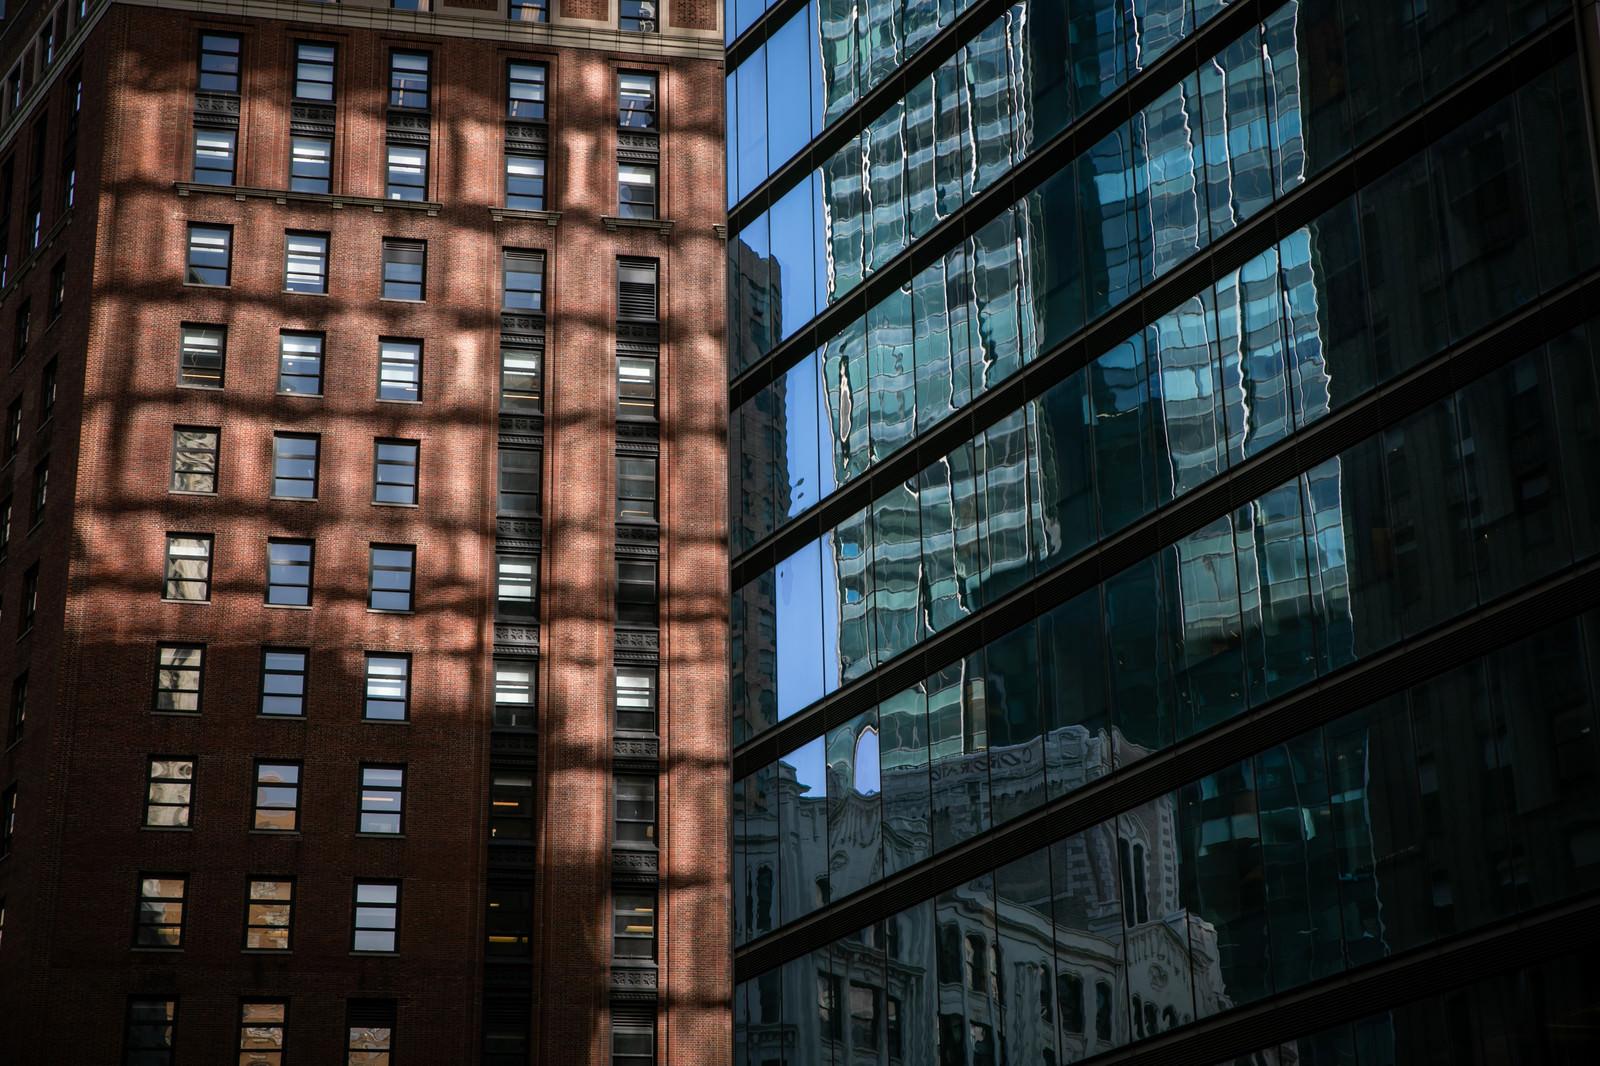 「ガラス張りの窓に映りこむニューヨークの建物」の写真